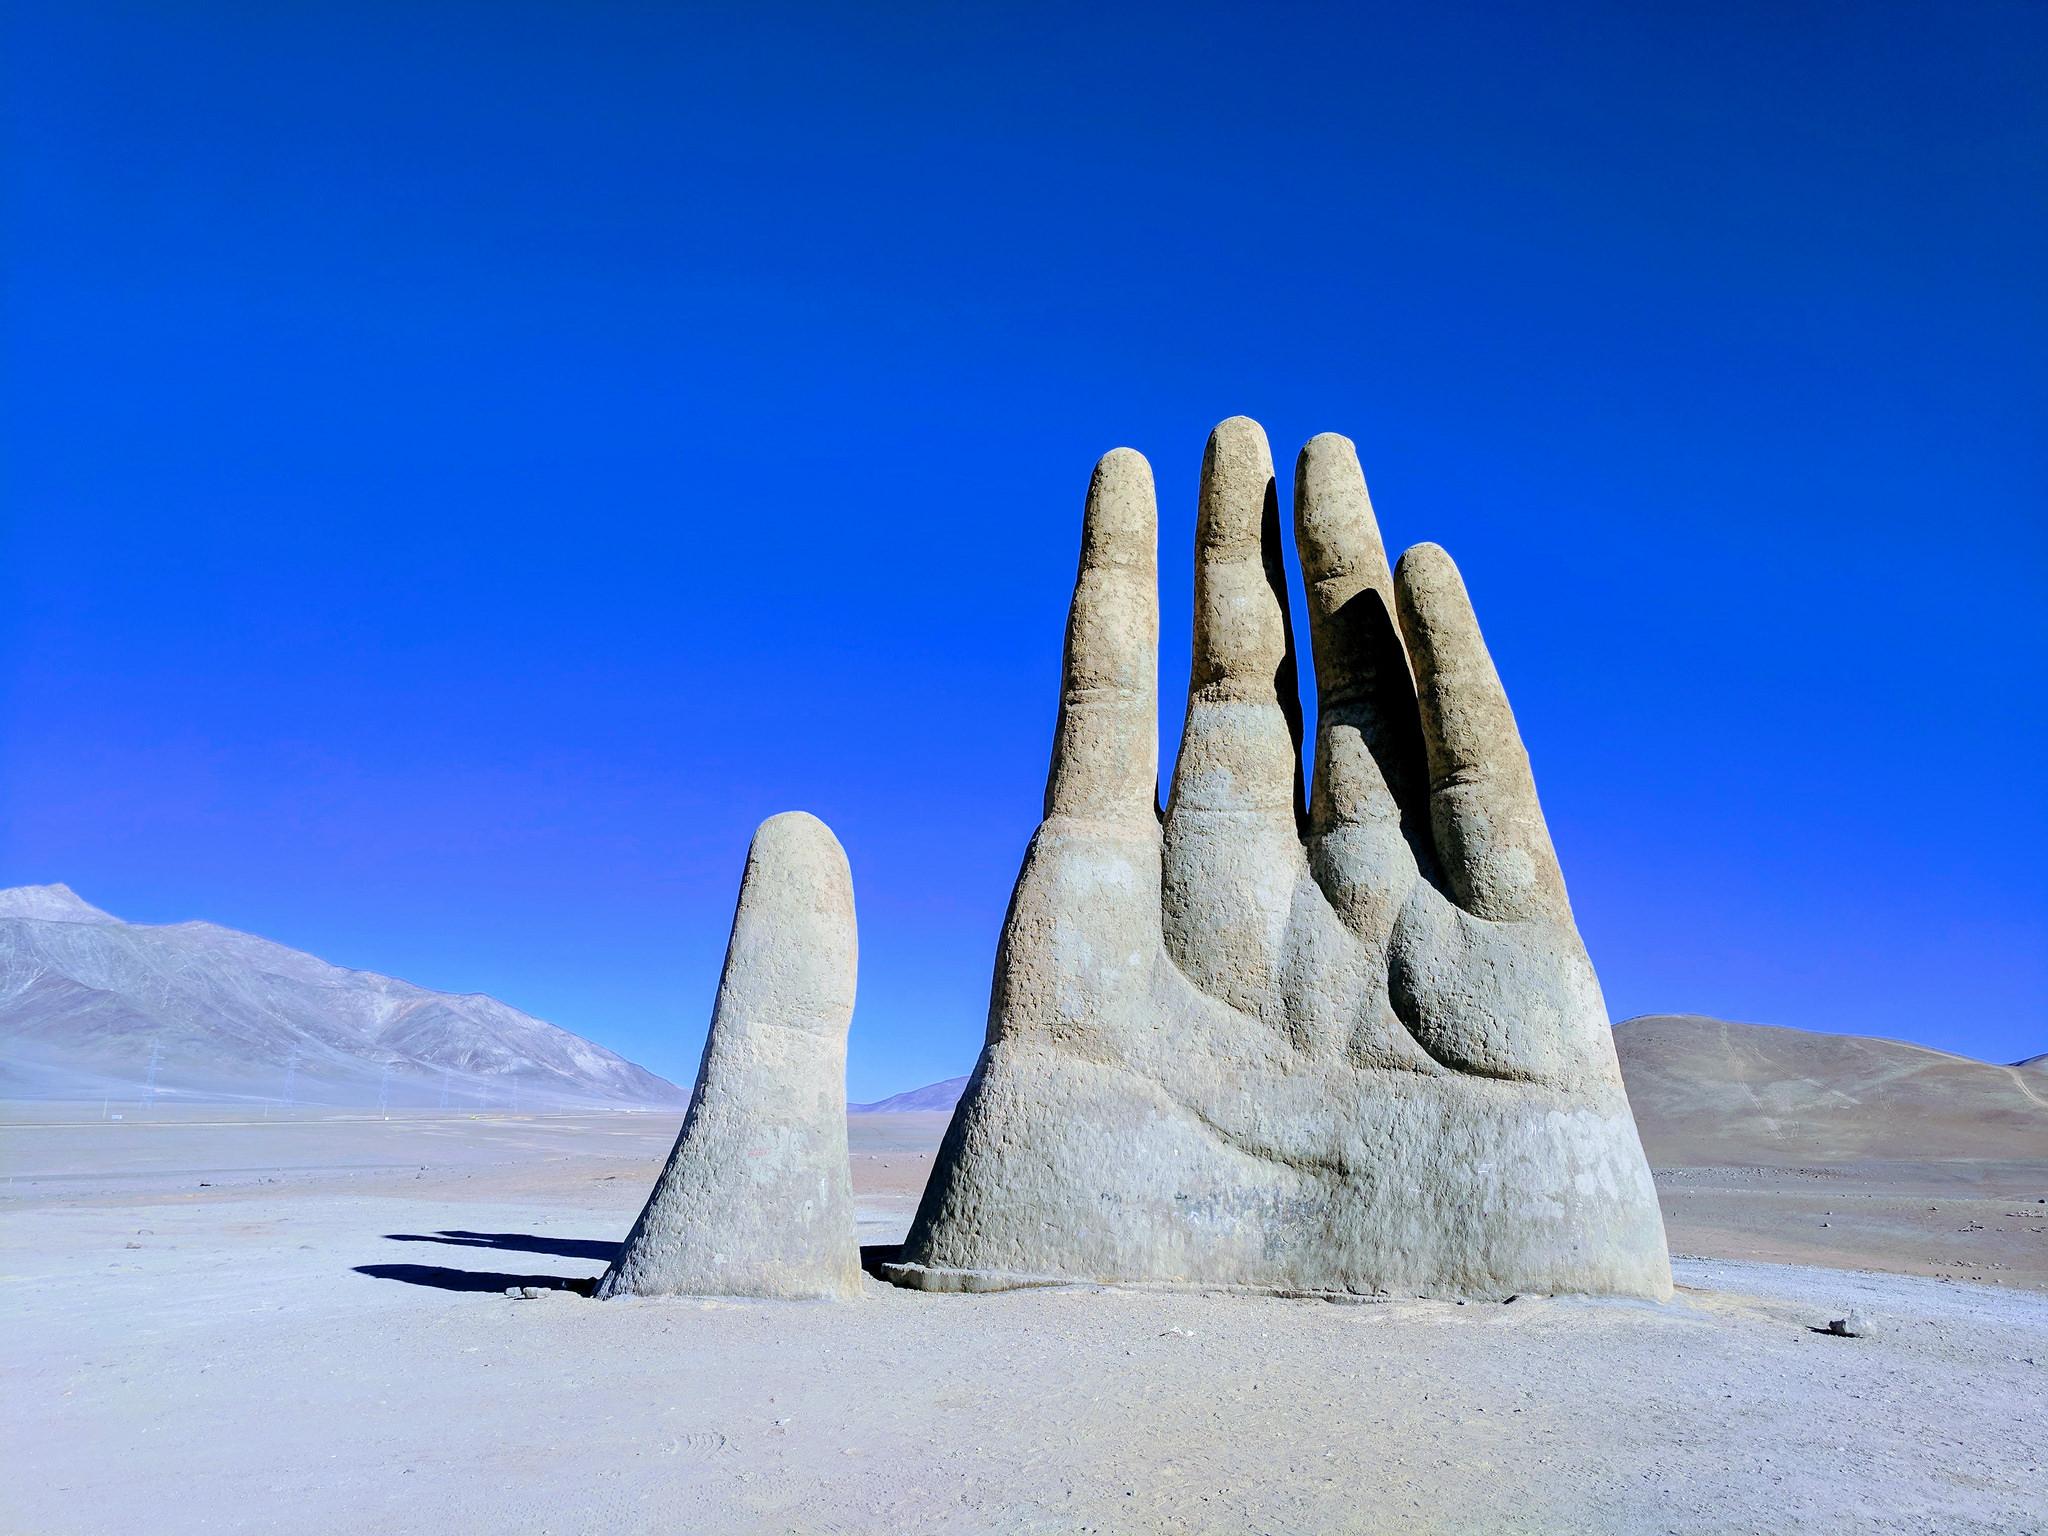 Hand_ofèthe_desert_Greg_Schechter